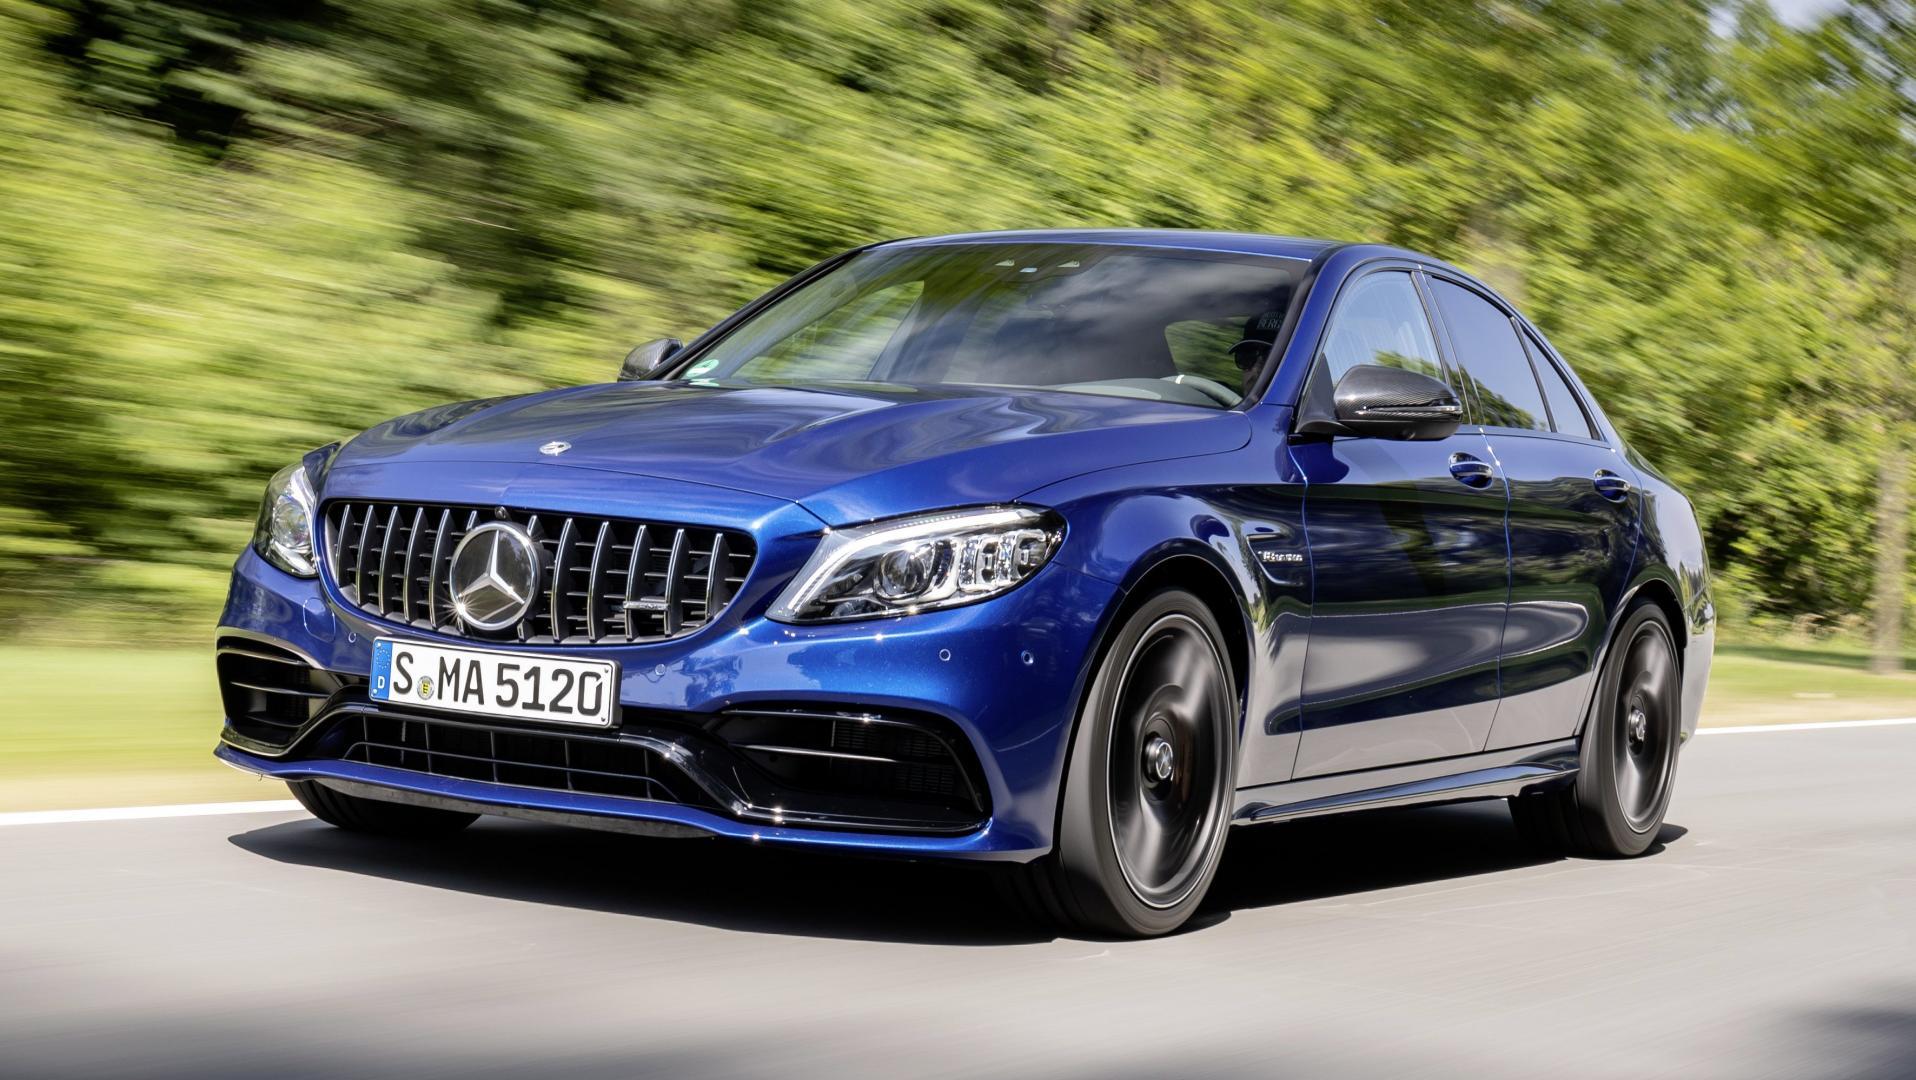 Der neue Mercedes-AMG C 63